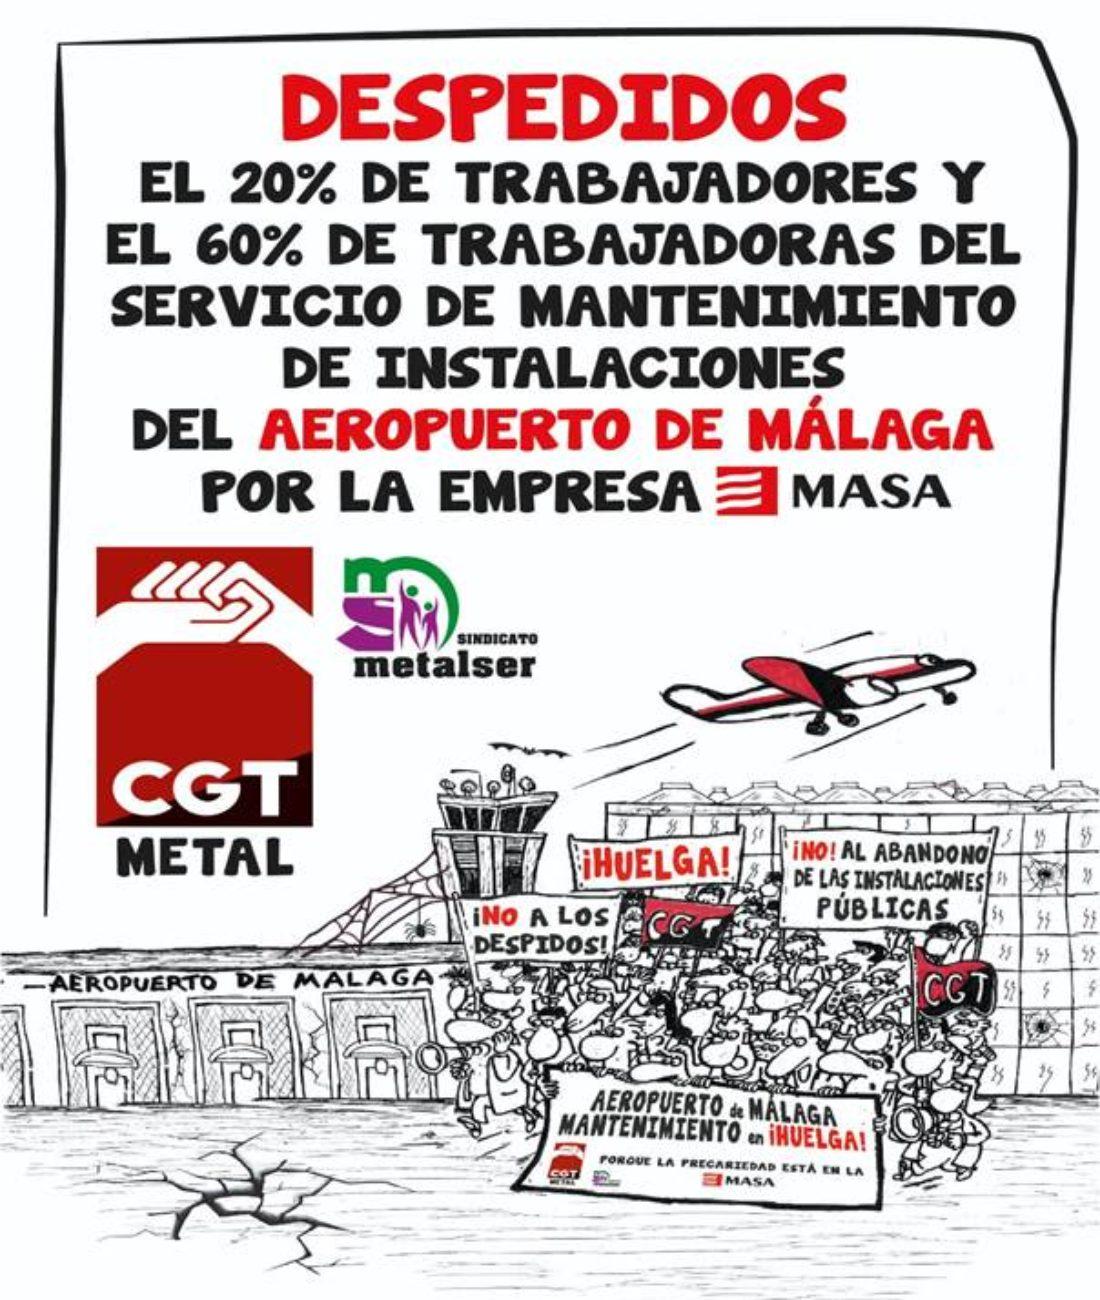 Garantizado el empleo y las condiciones sociolaborales en el servicio de mantenimiento del aeropuerto de Málaga